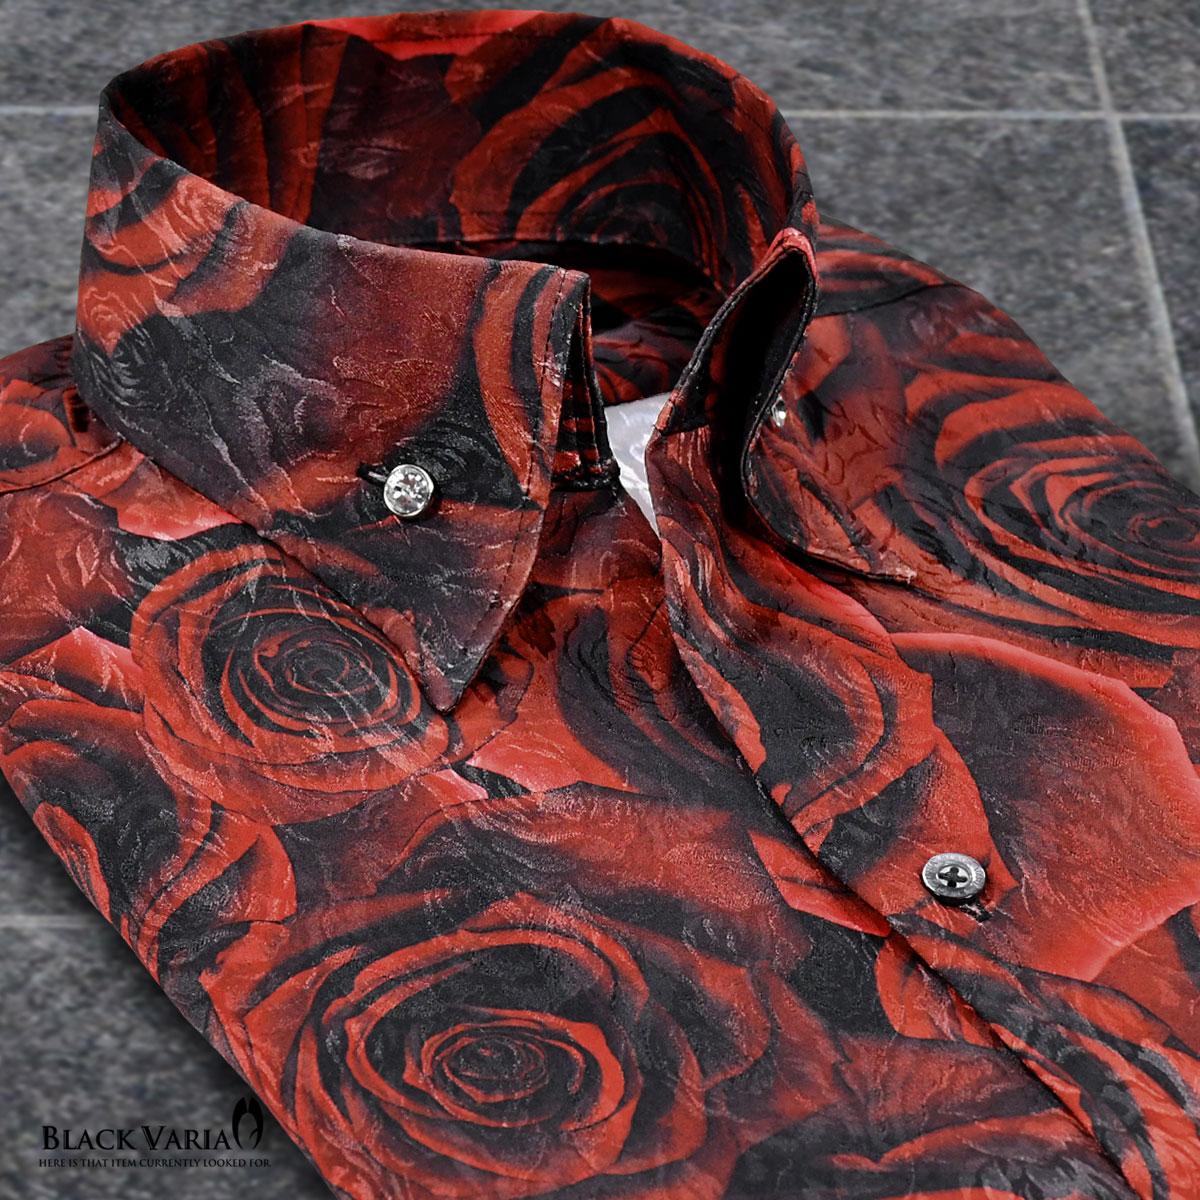 サテンシャツ ドレスシャツ スキッパー 薔薇 日本製 メンズ ボタンダウン スリム ジャガード パーティー mens(レッド赤)